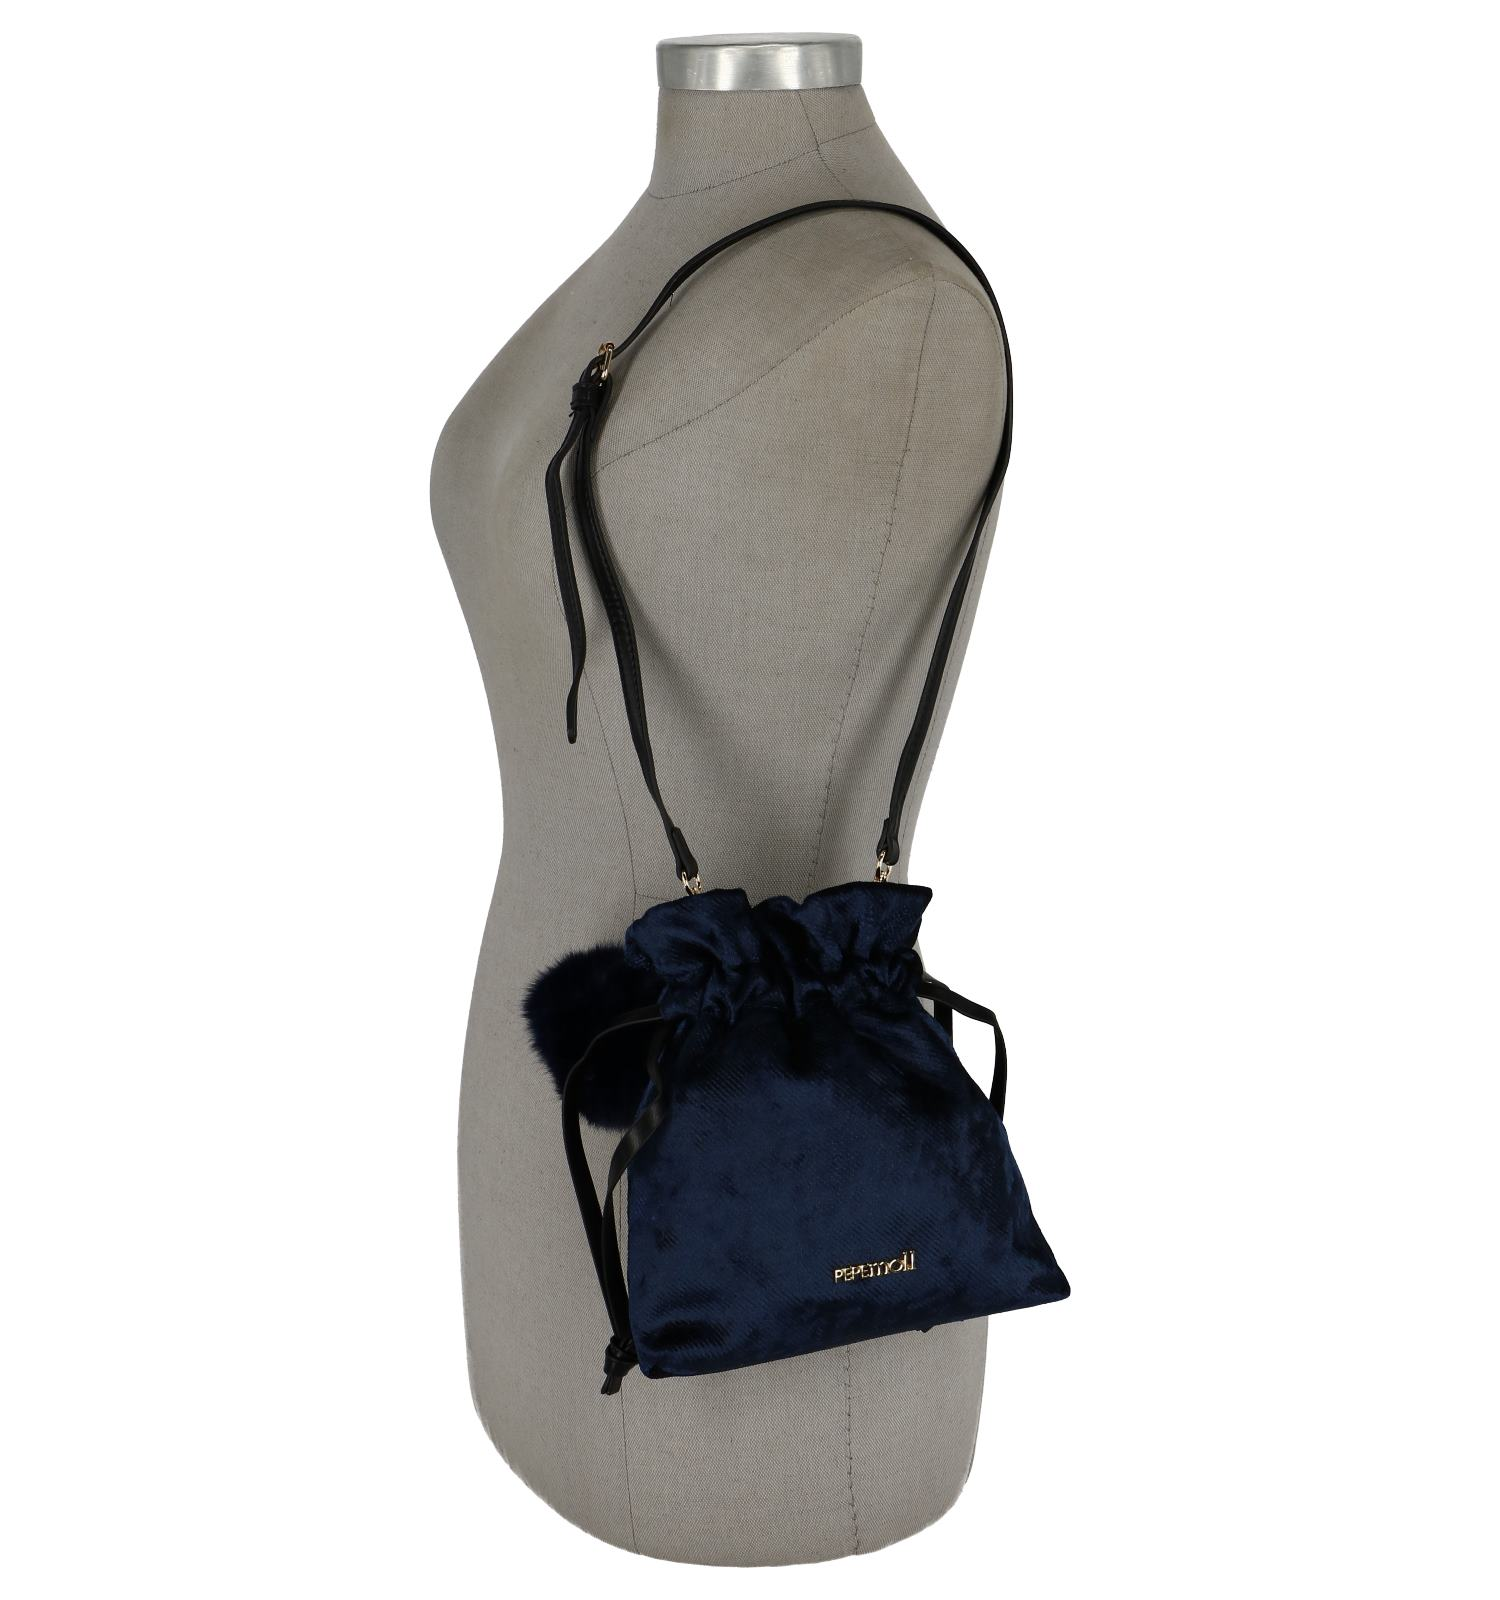 Blauwe Pepe Bag Moll Bucket Blauwe Pepe Moll Bag Blauwe Bucket lc1KJTF